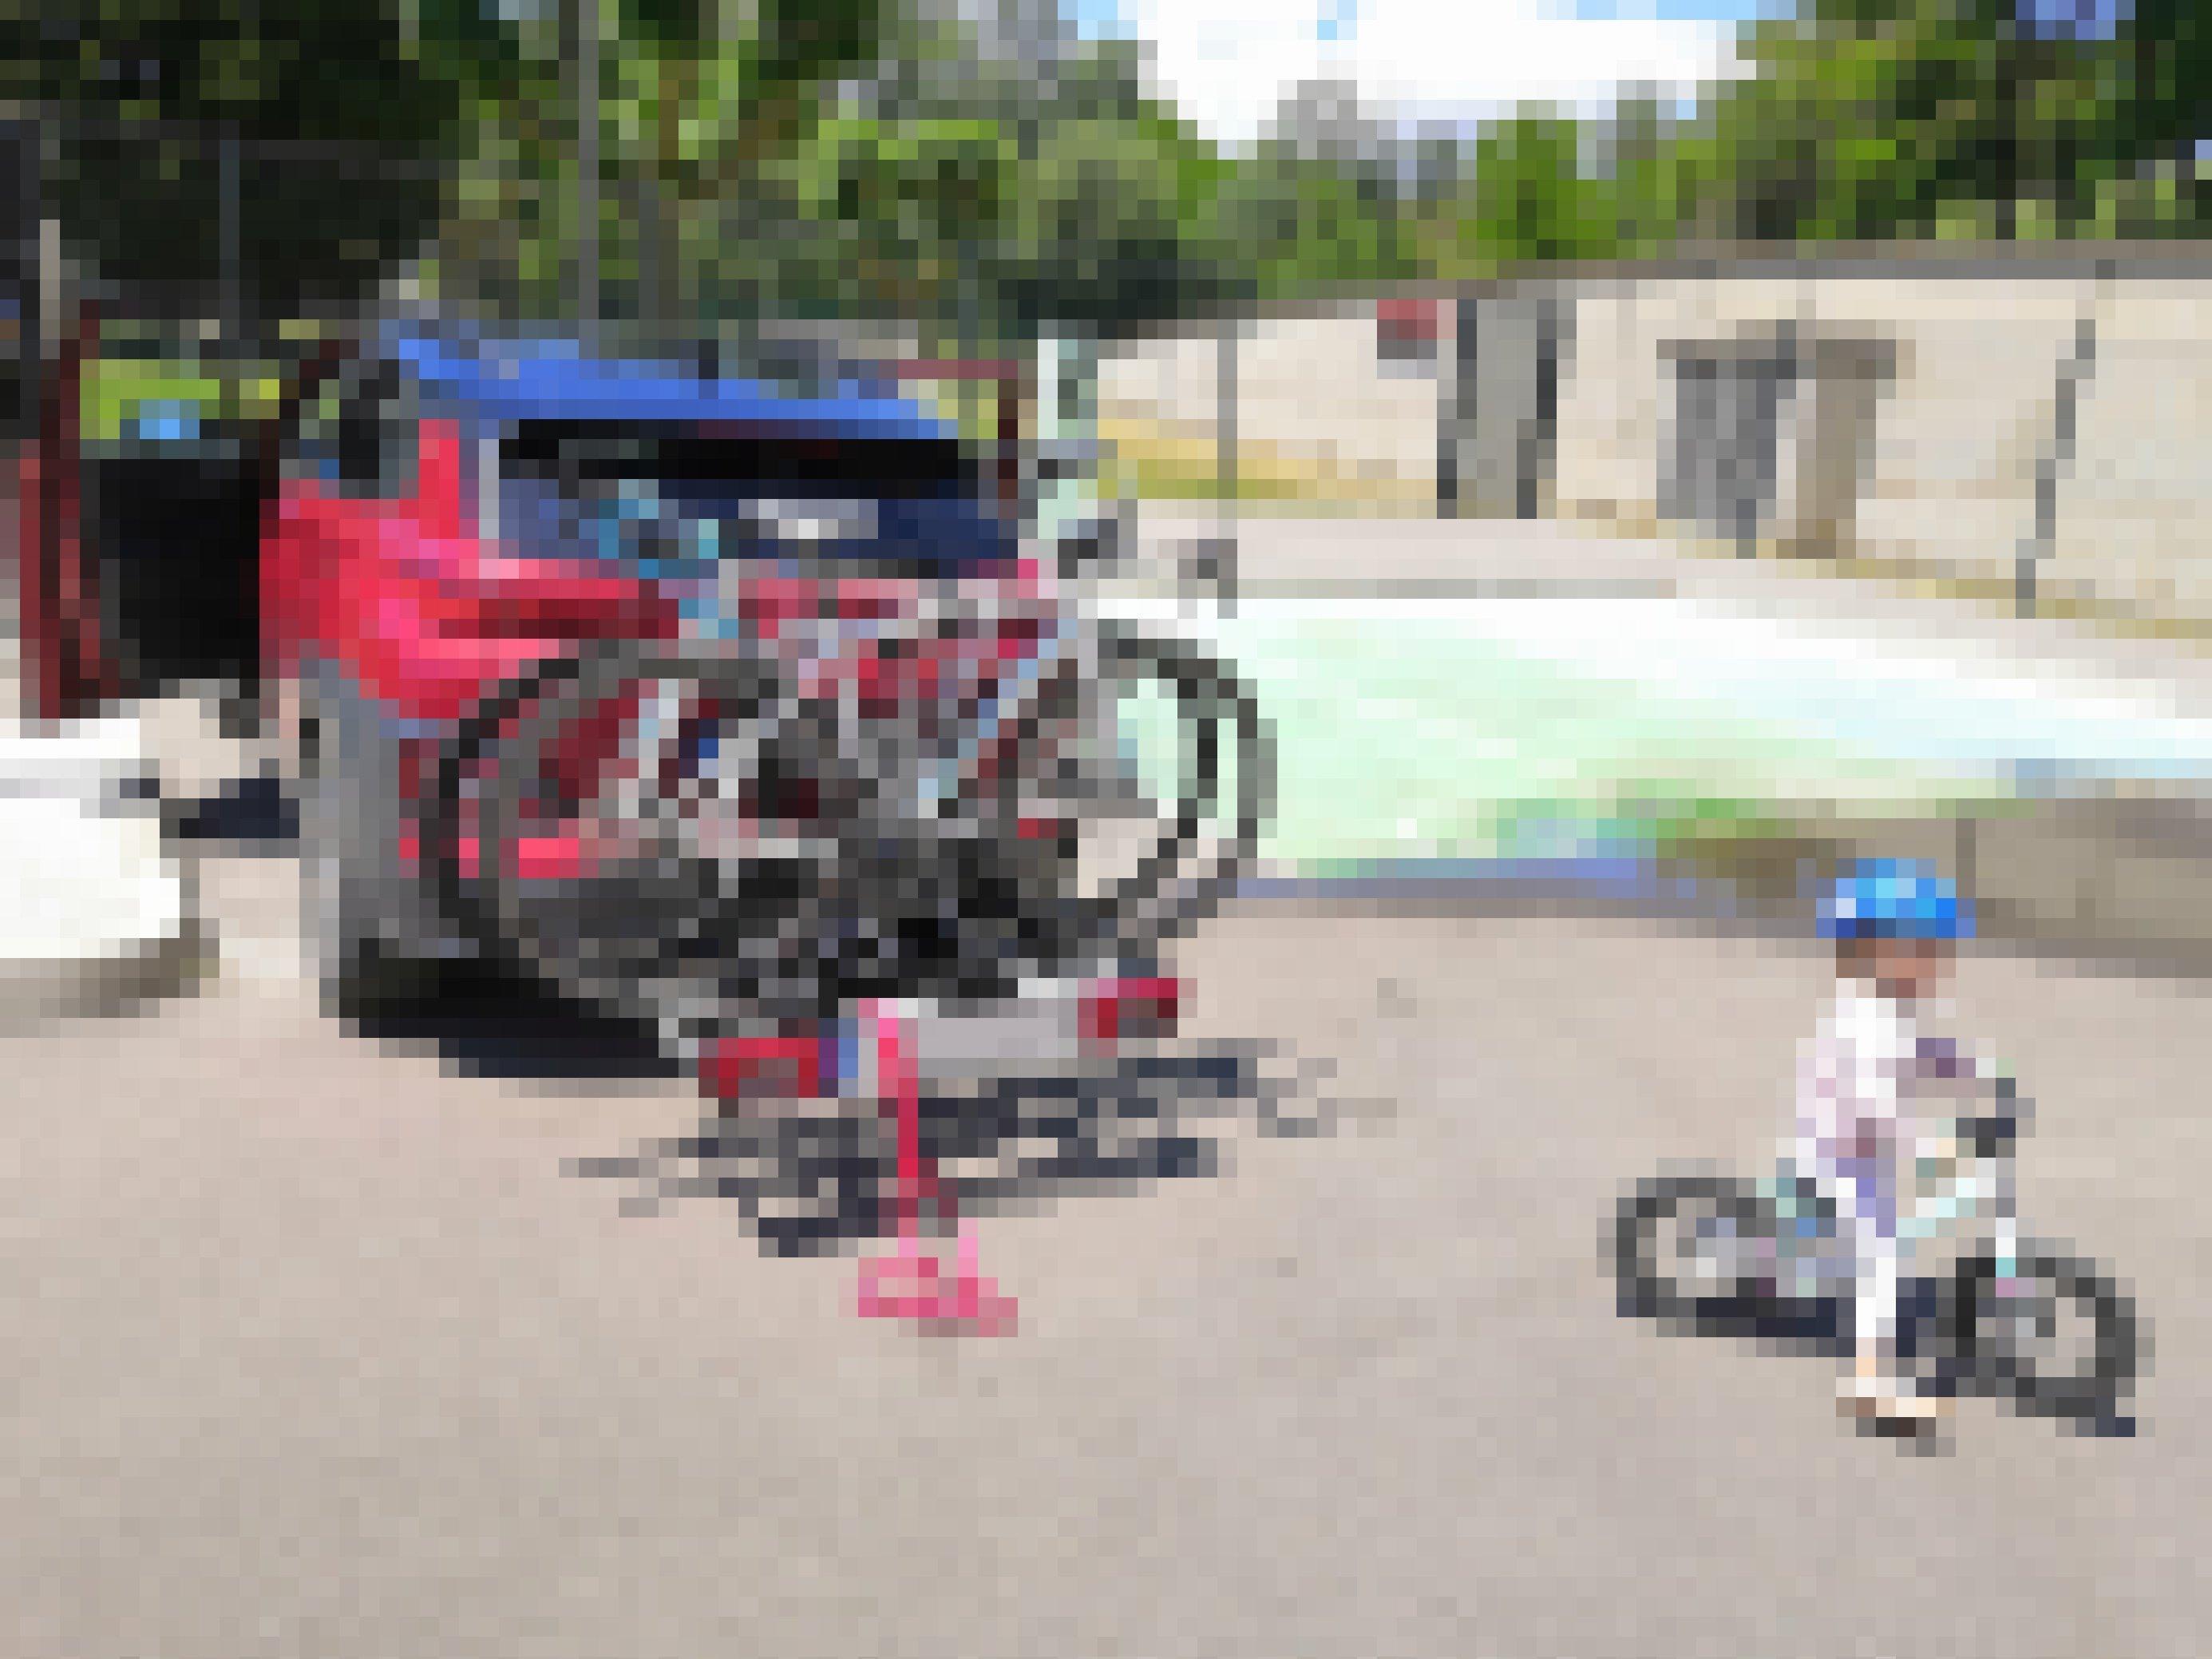 Ein Hyundai Kona tankt Strom. Im Vordergrund fährt ein kleines Mädchen mit dem Fahrrad.